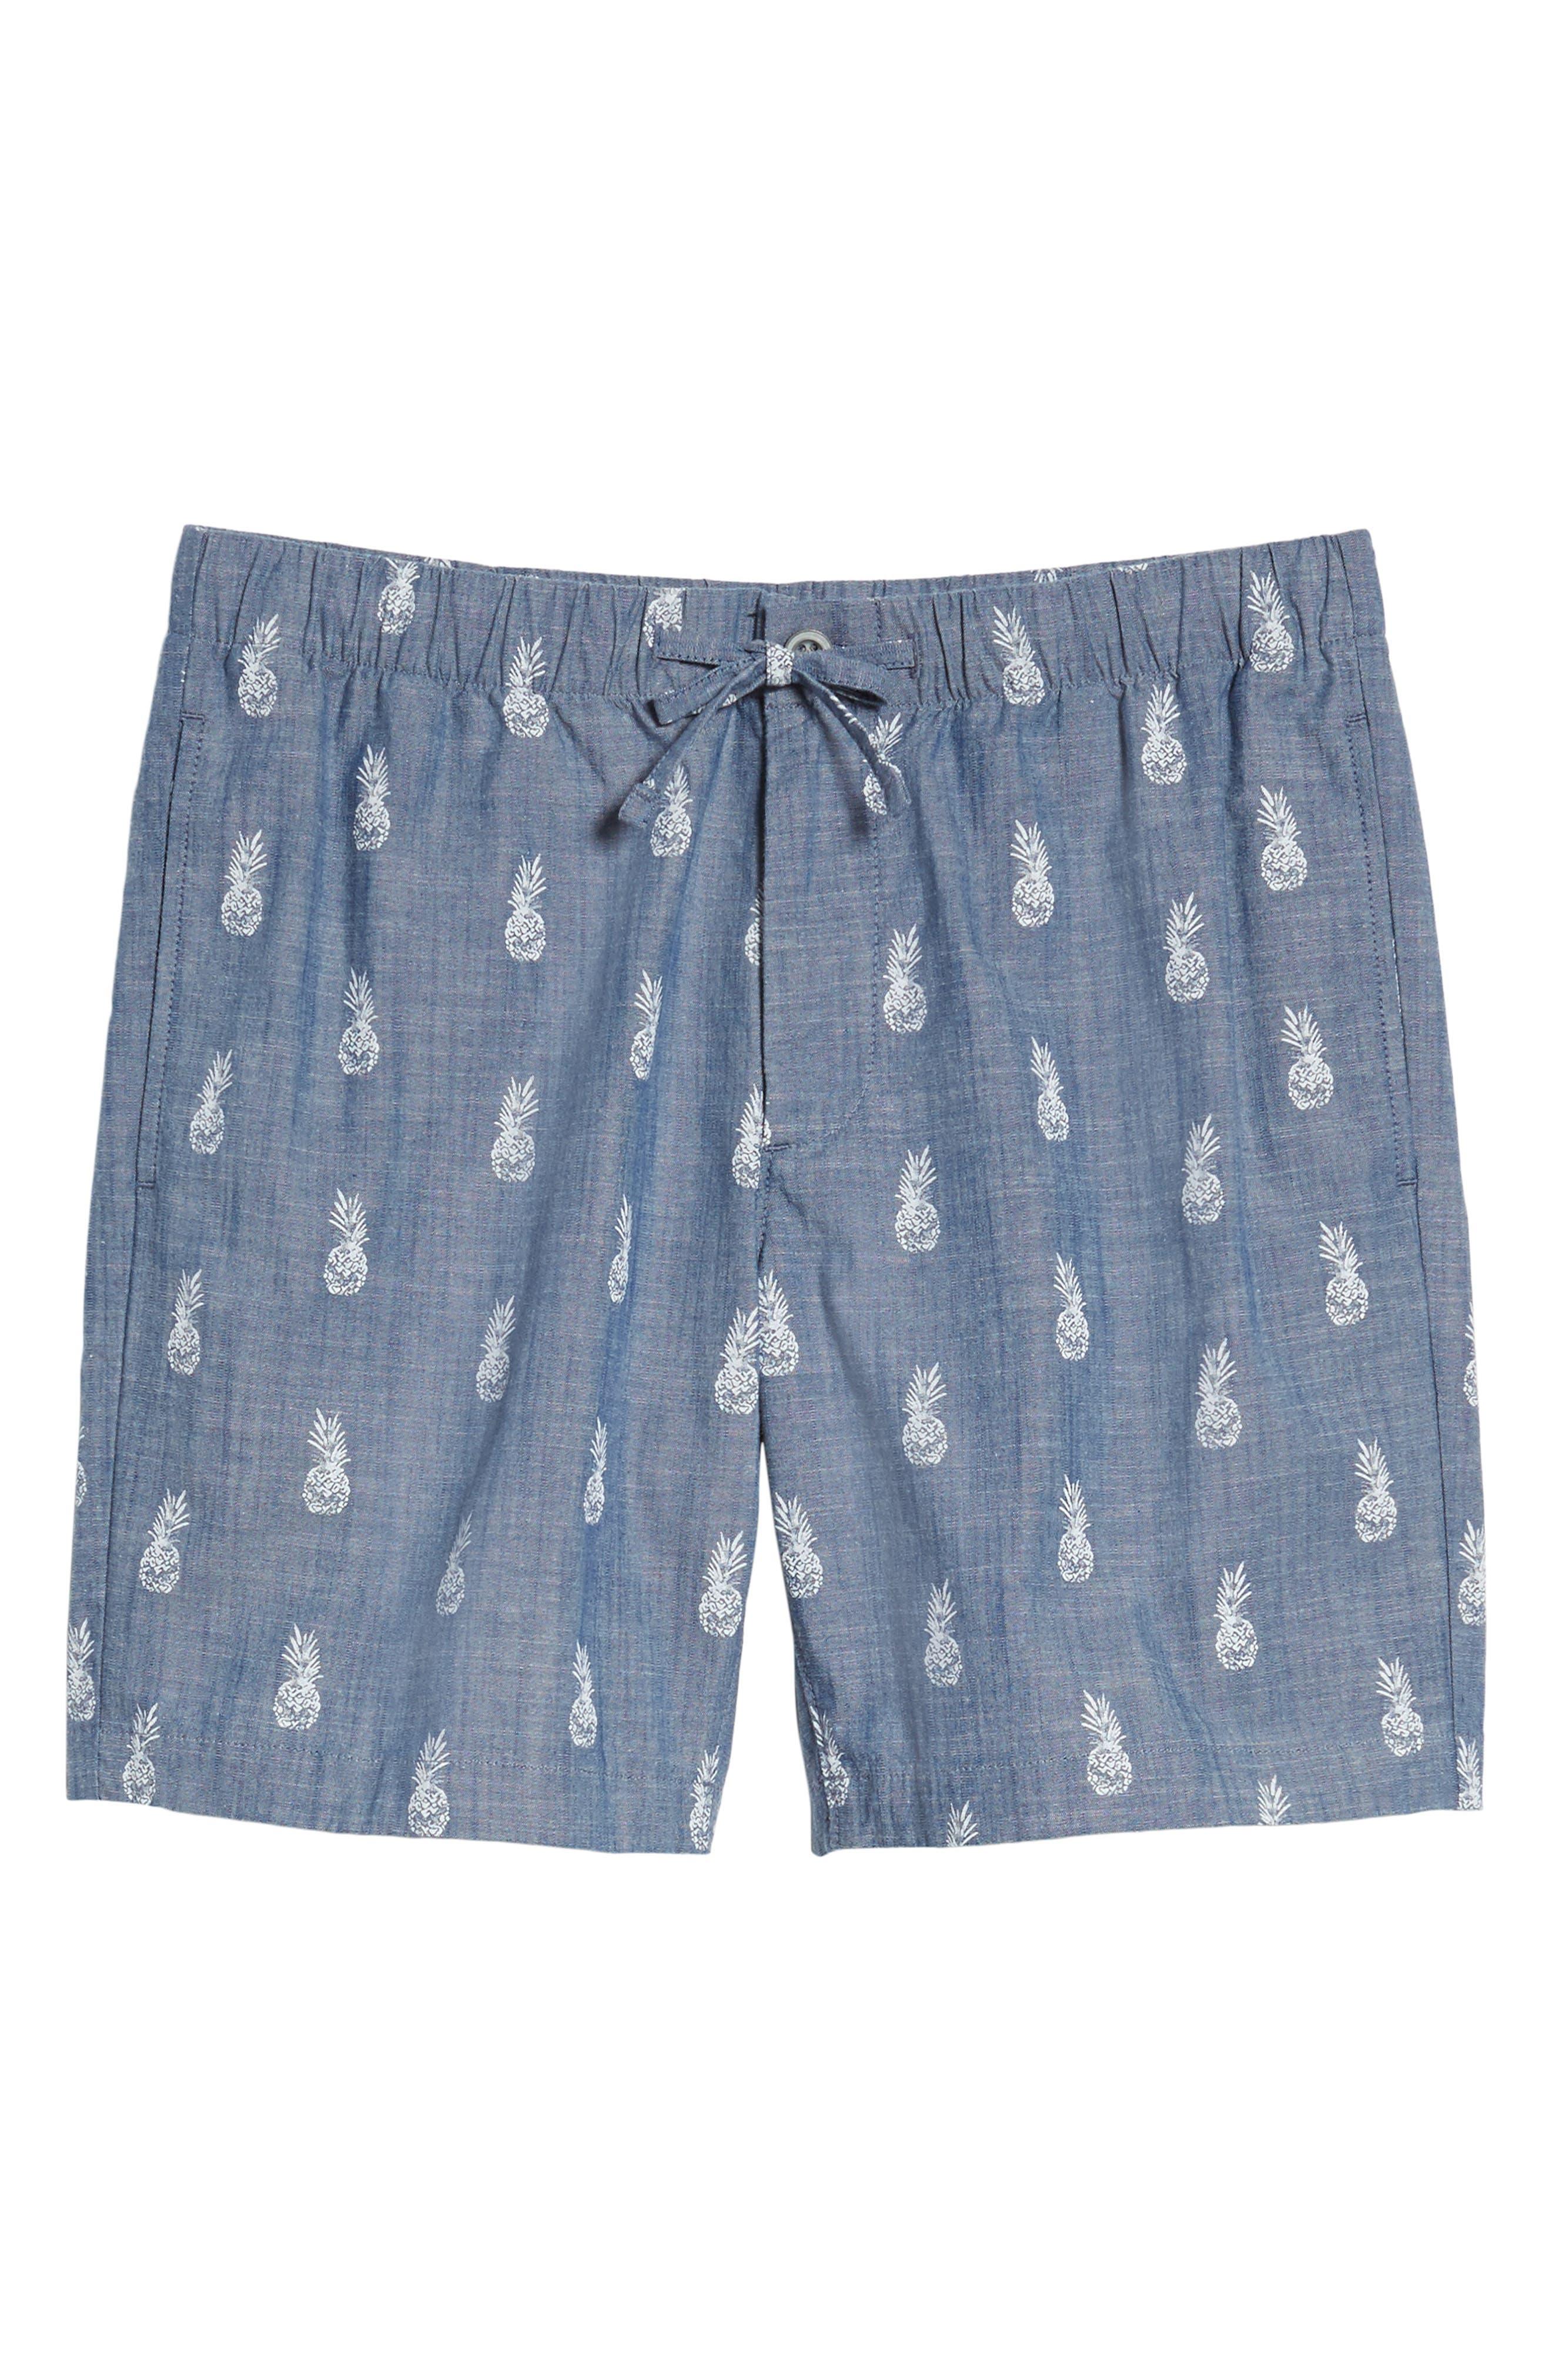 BONOBOS,                             Print Chambray Shorts,                             Alternate thumbnail 6, color,                             400